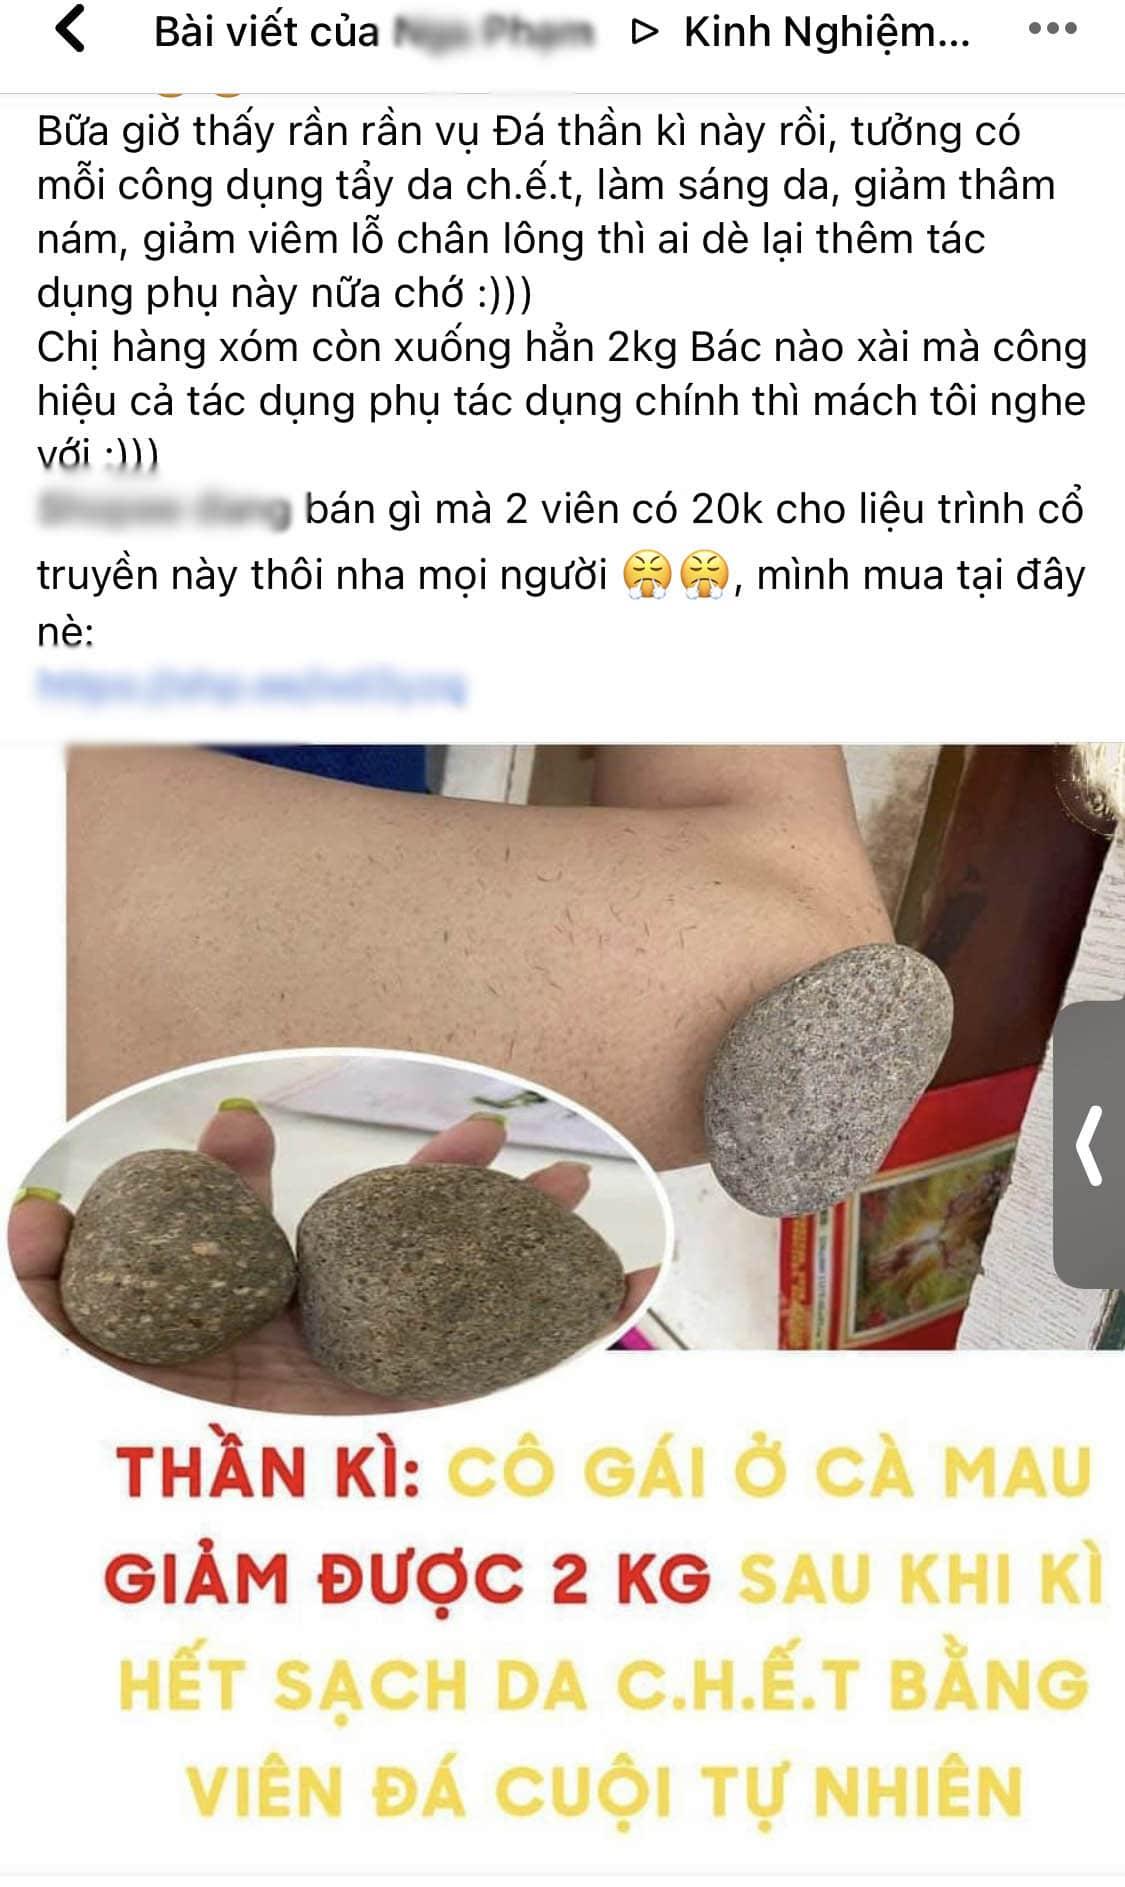 Rẻ-Đẹp-Dễ: Chị em mách nhau mua hòn đá tẩy da chết, giá 10k tắm xong giảm 2kg